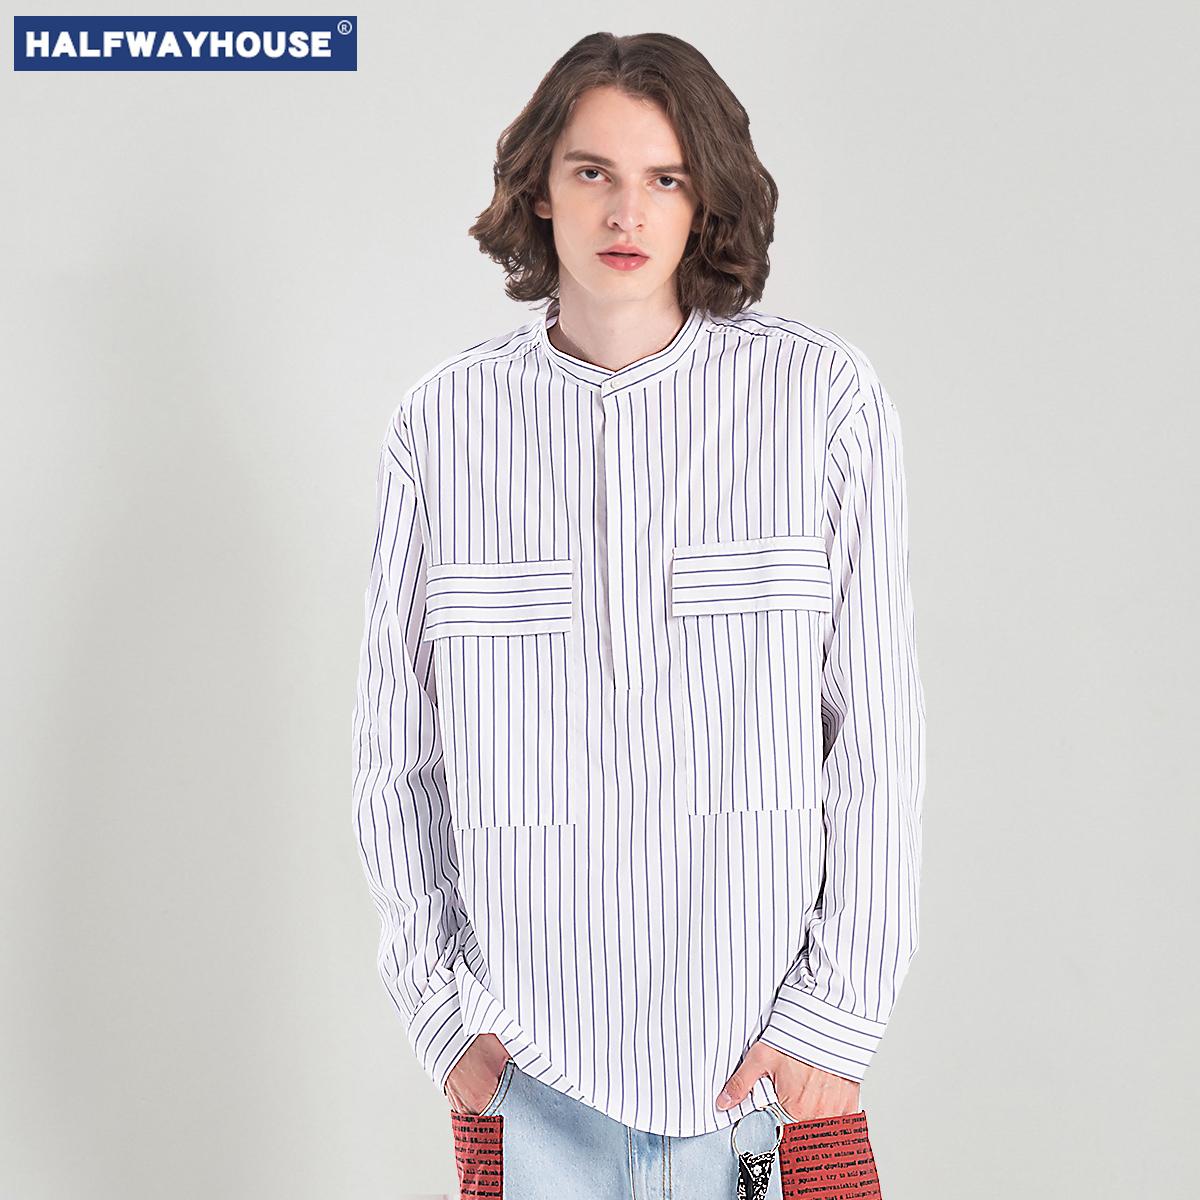 HalfwayHouse衬衫男长袖韩版 潮流条纹白色男士衬衣帅气休闲百搭